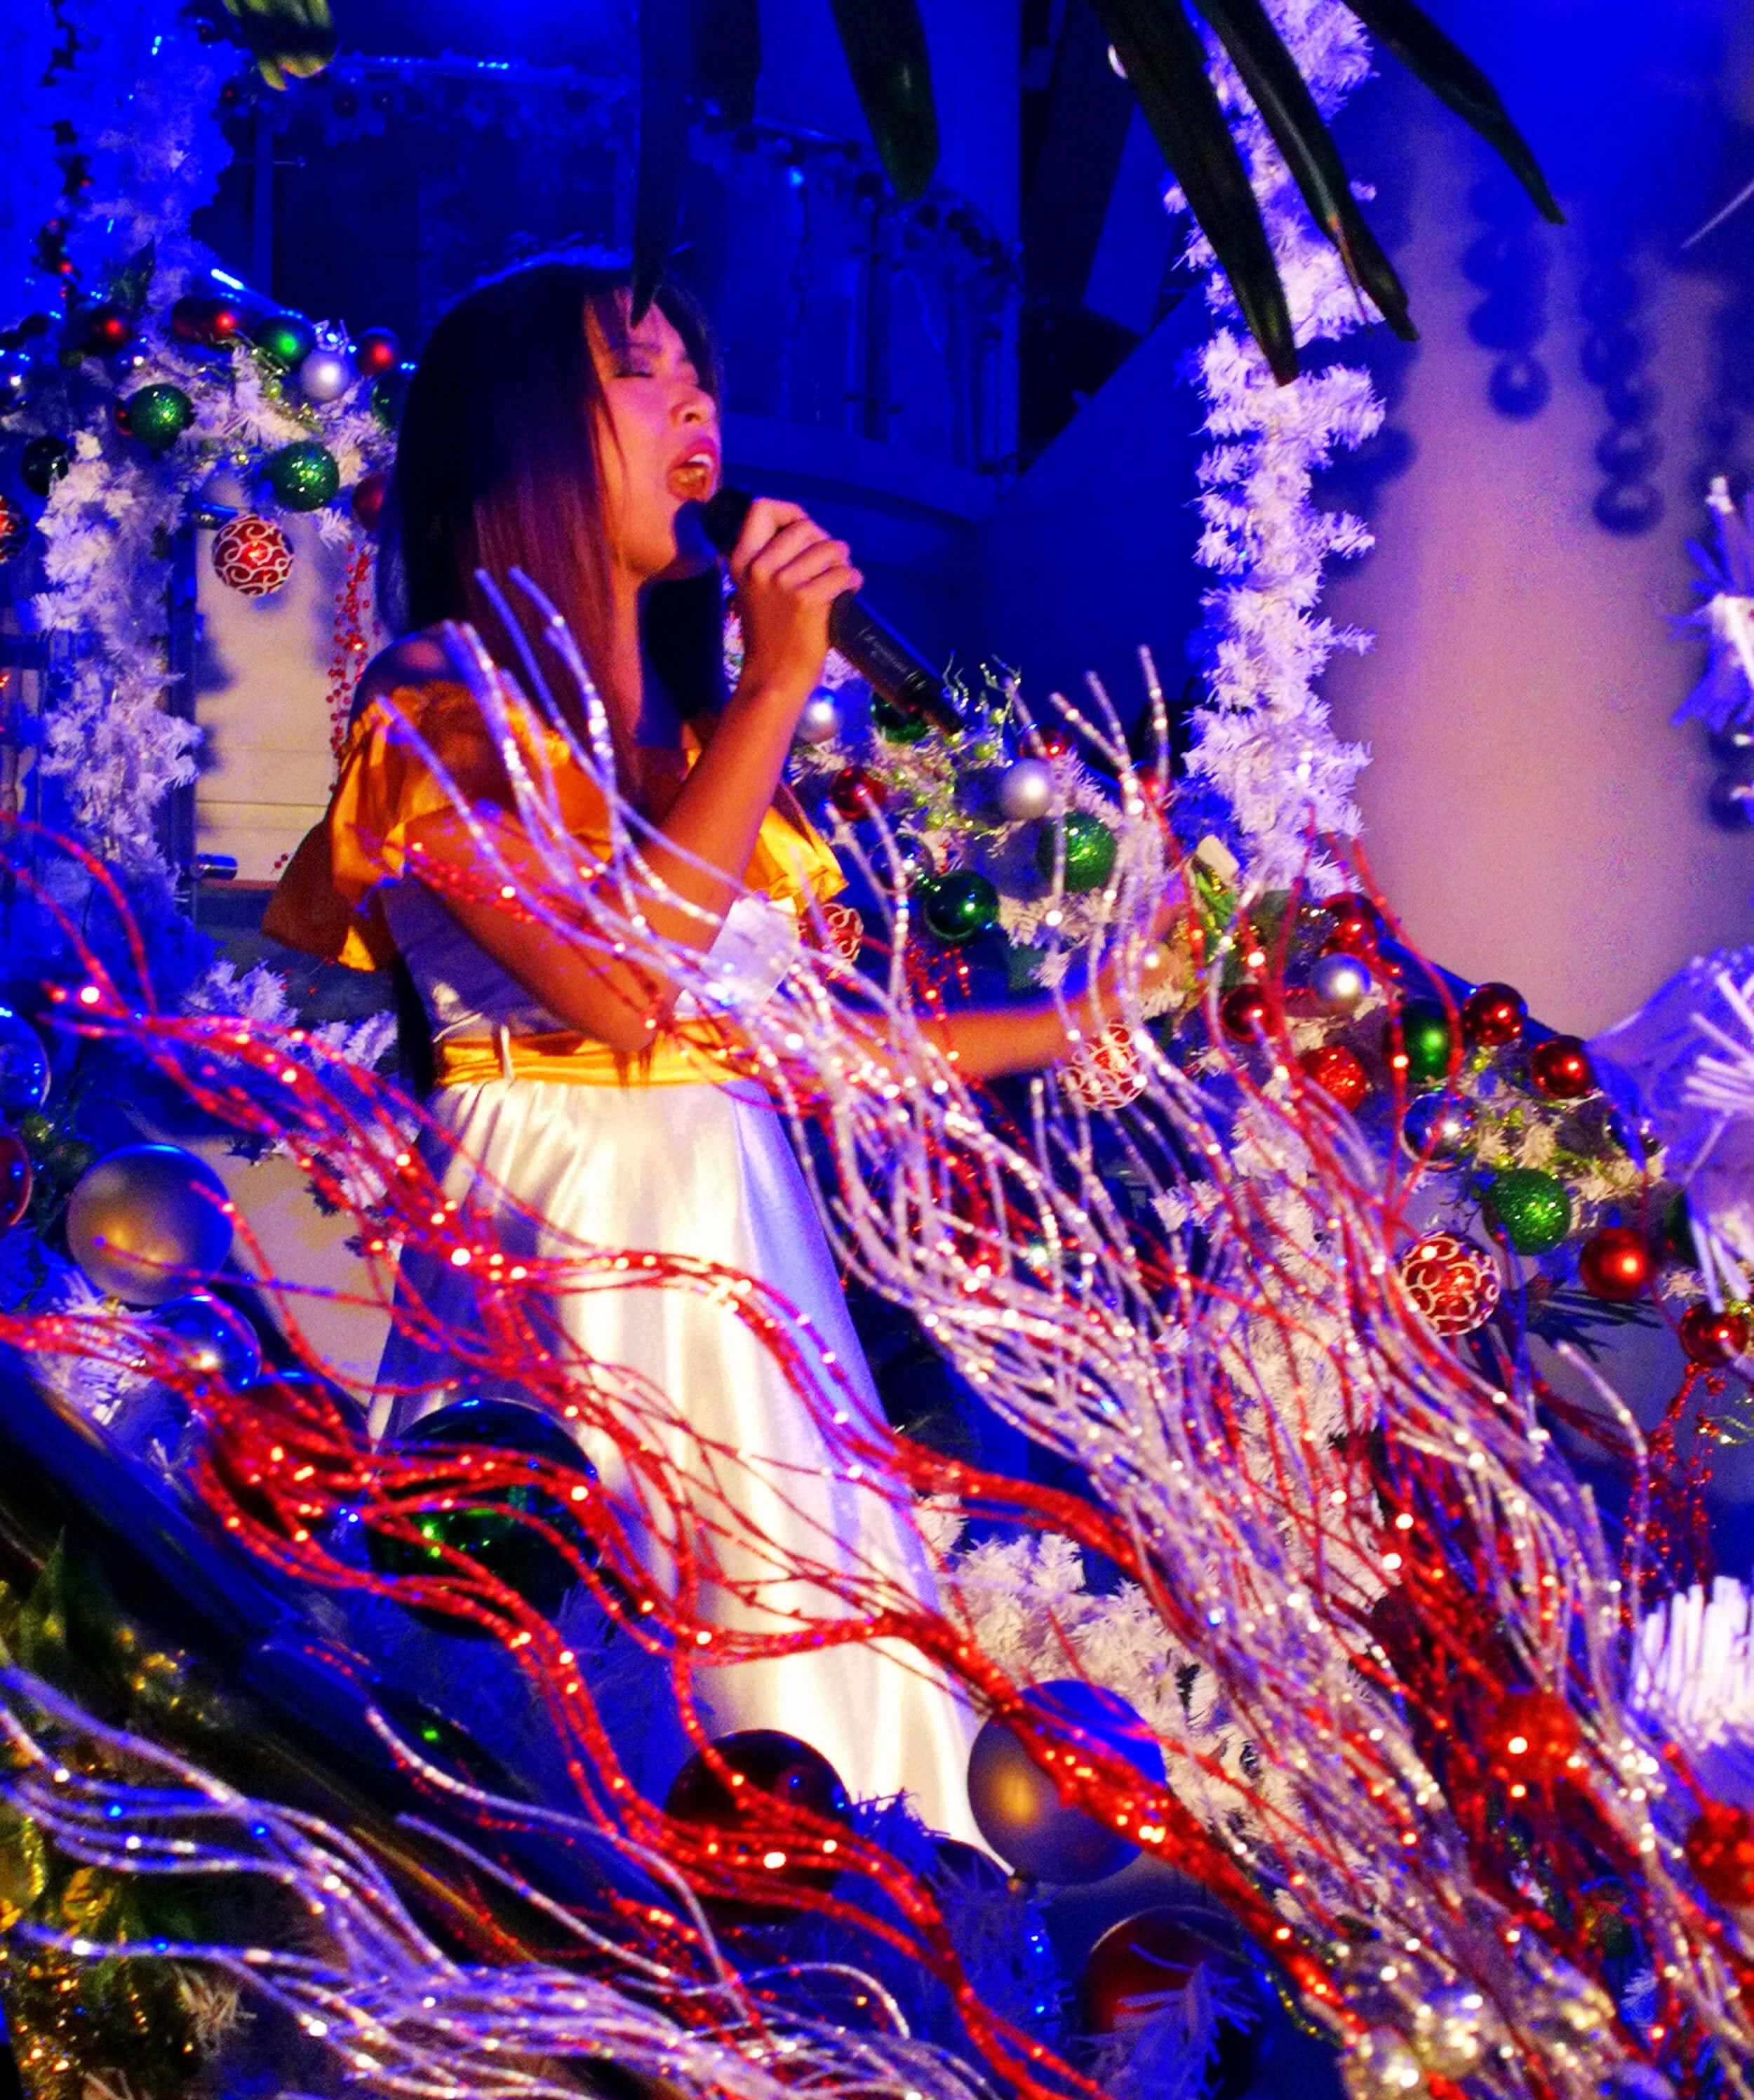 Parklane Christmas Tree lighting